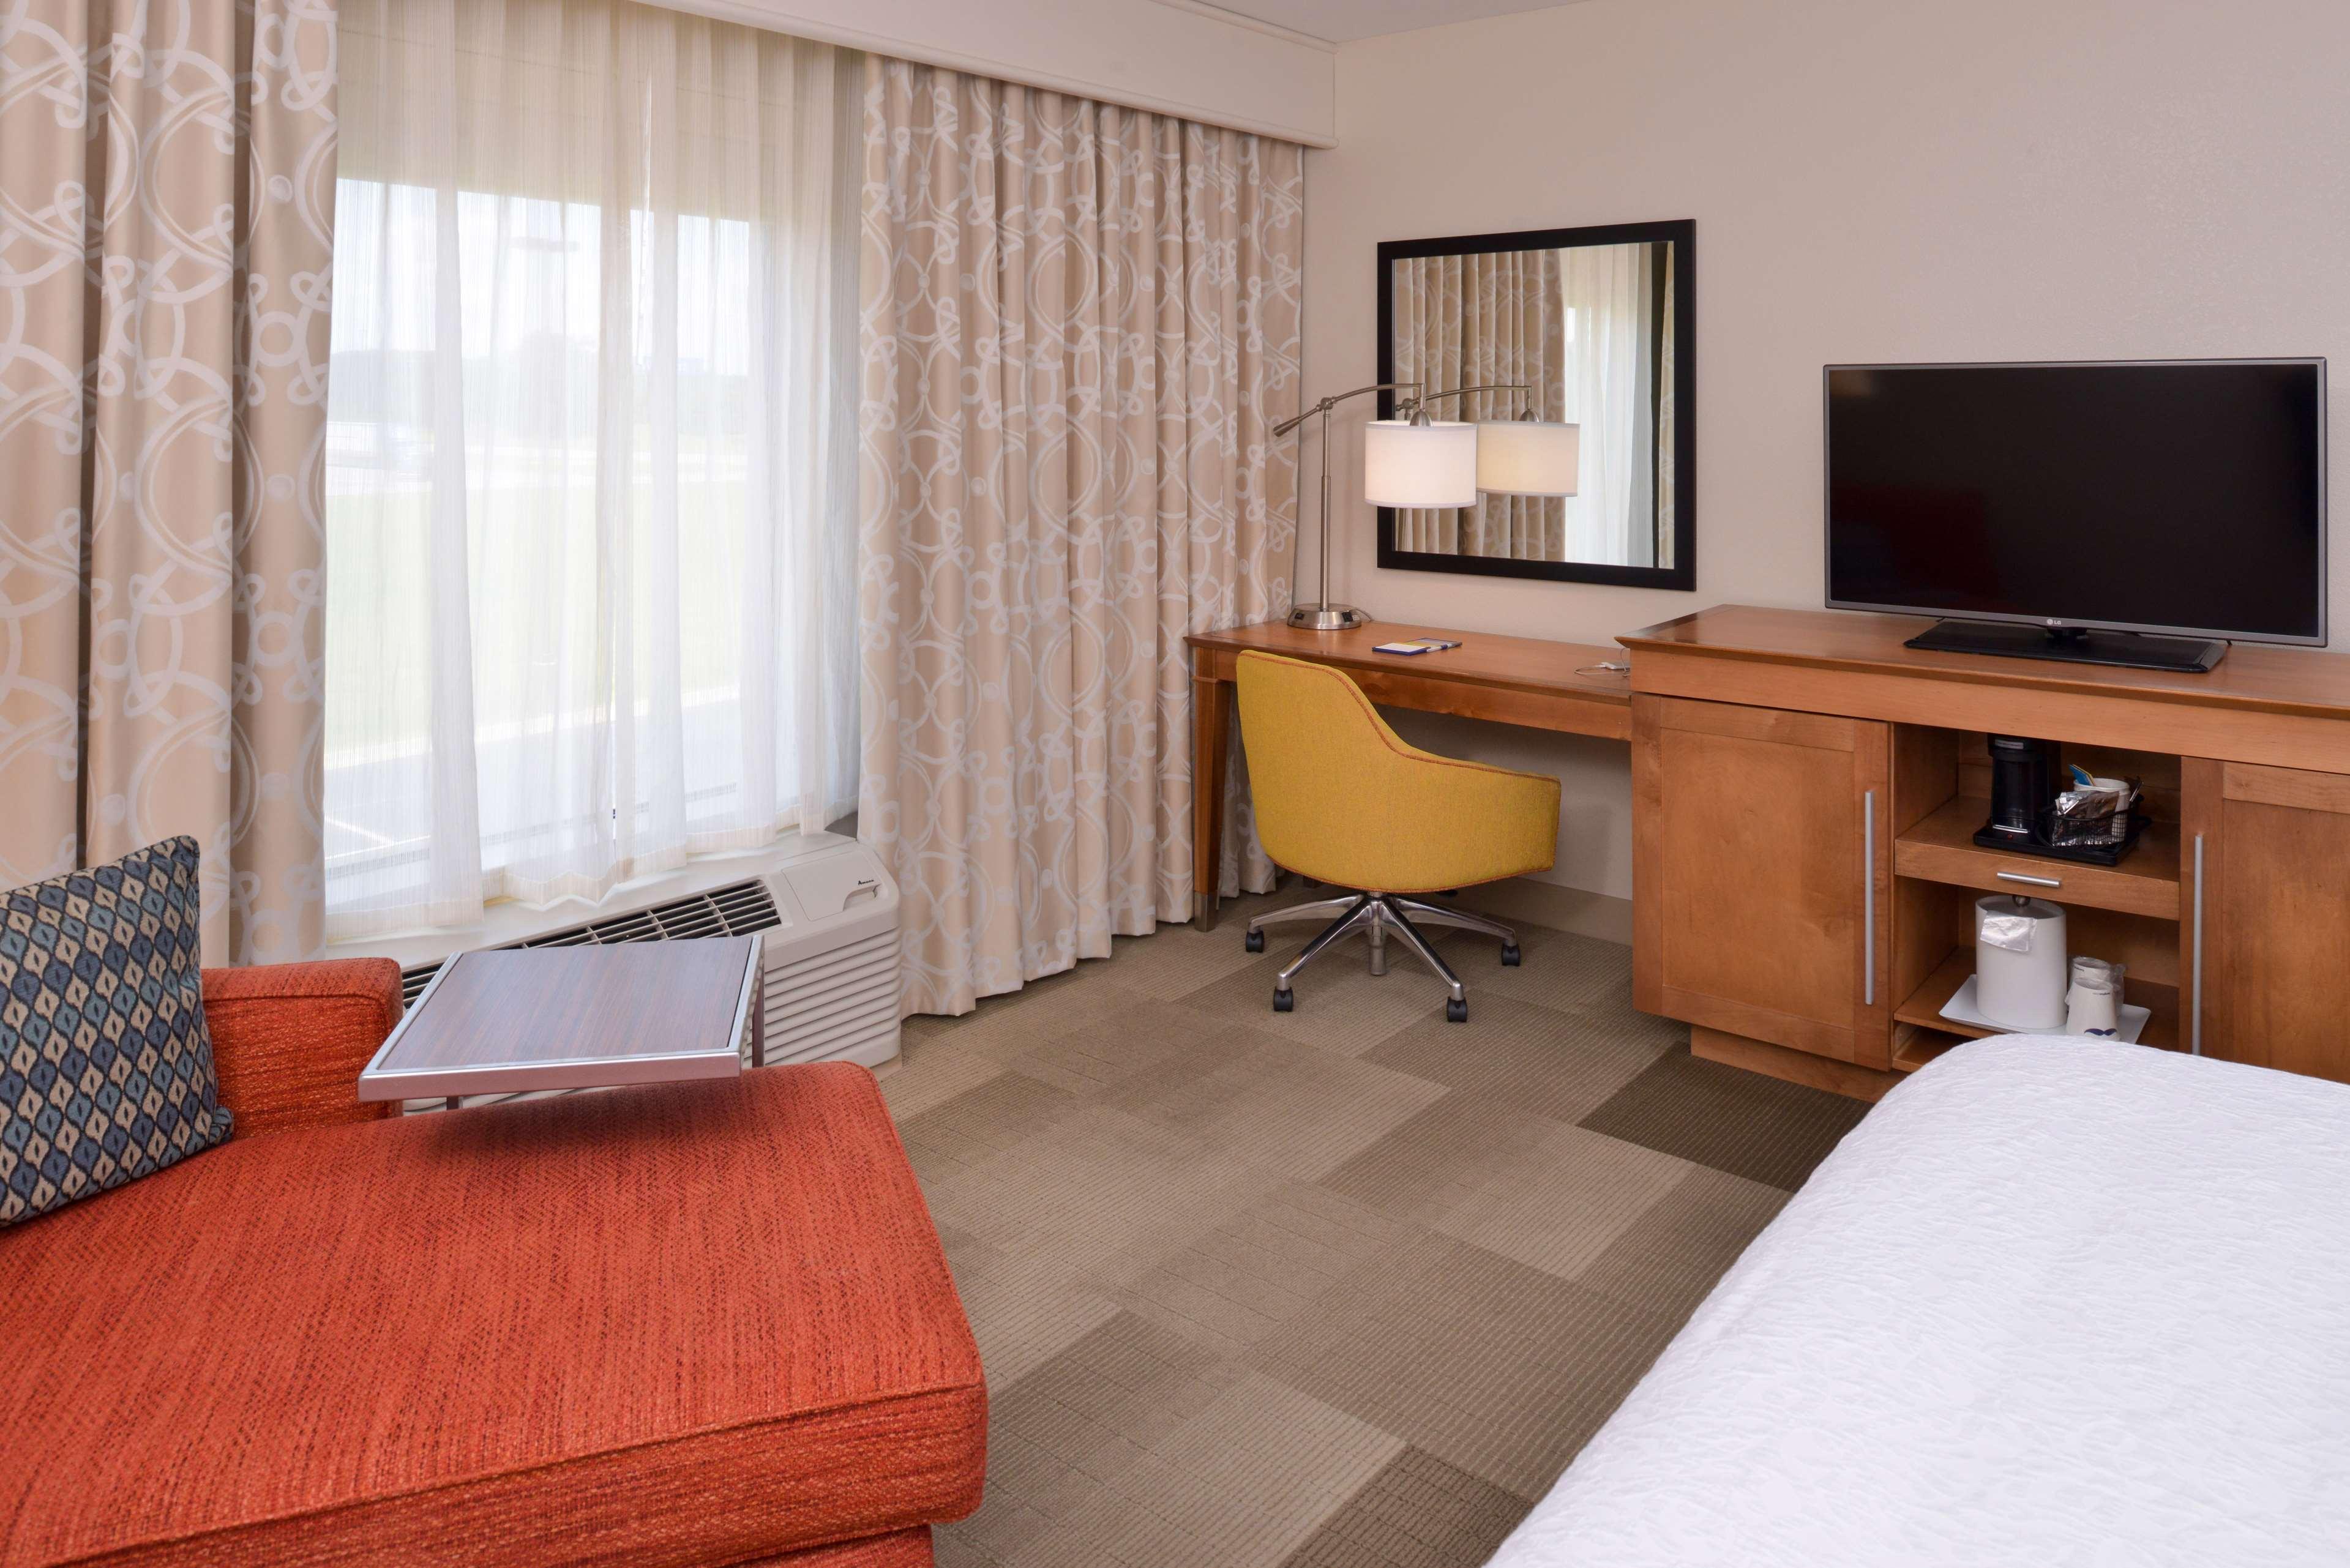 Hampton Inn & Suites Lonoke image 36